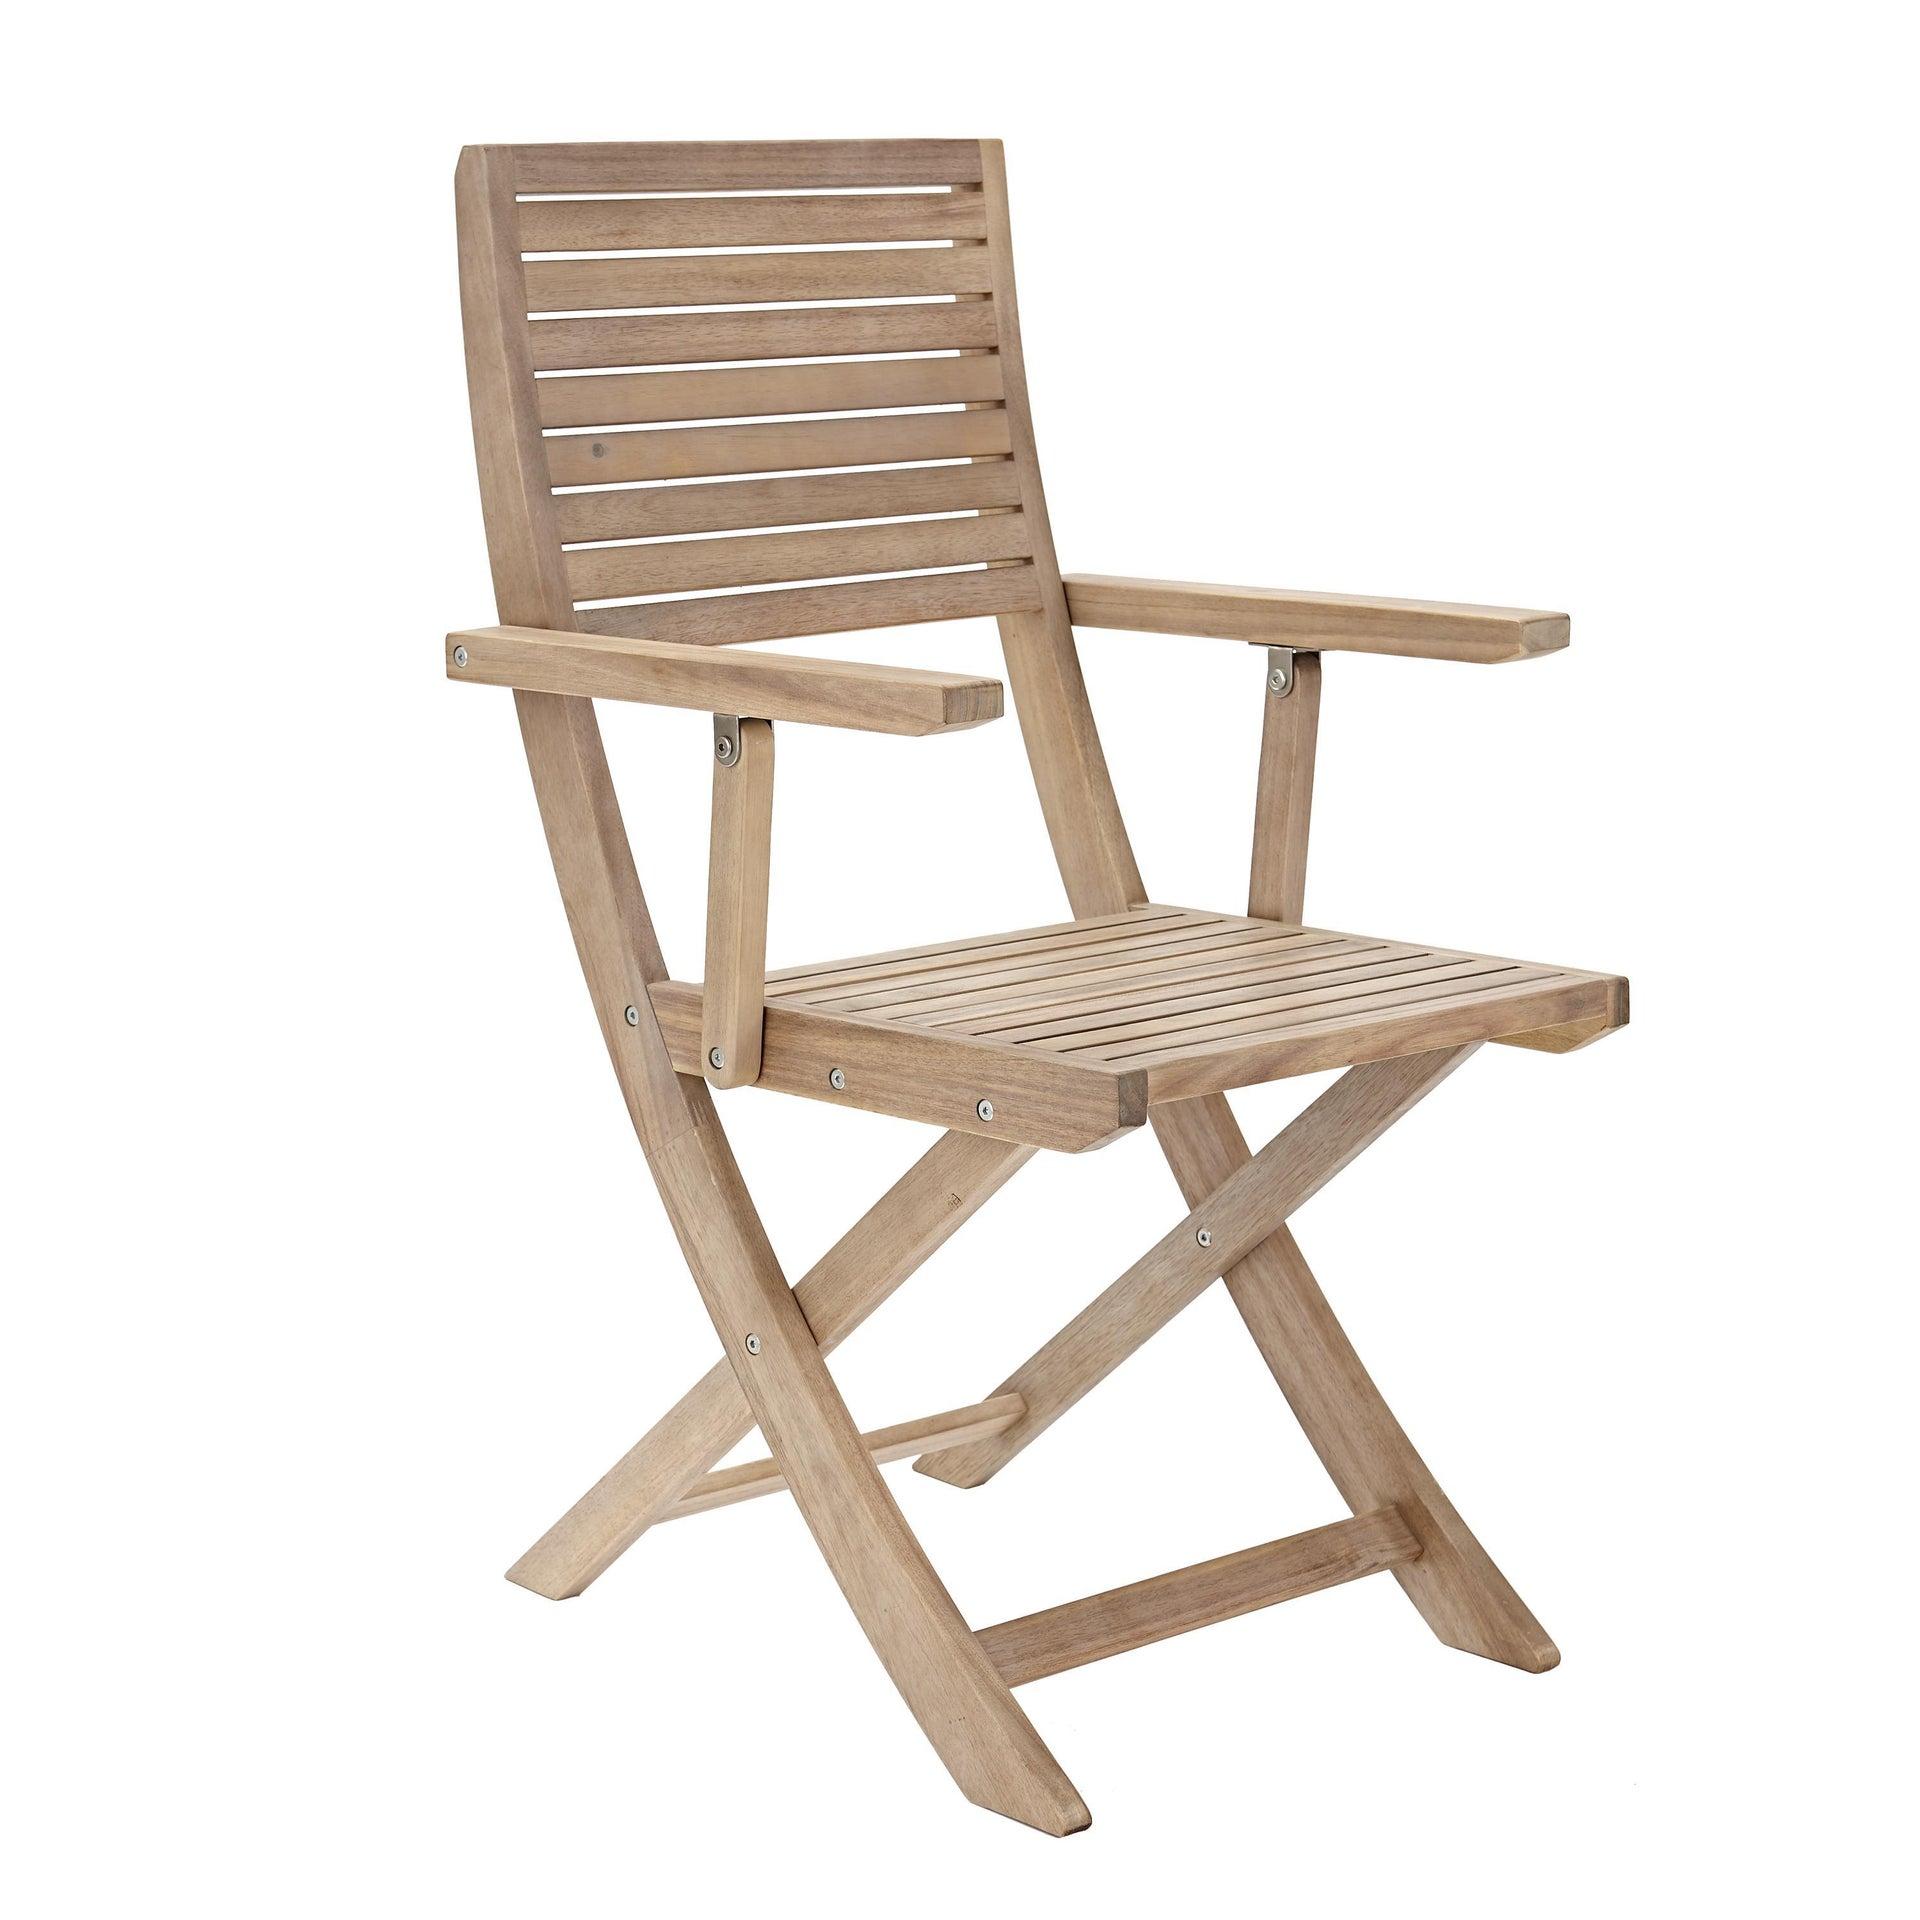 Sedia con braccioli senza cuscino pieghevole in legno Solaris NATERIAL colore acacia - 1